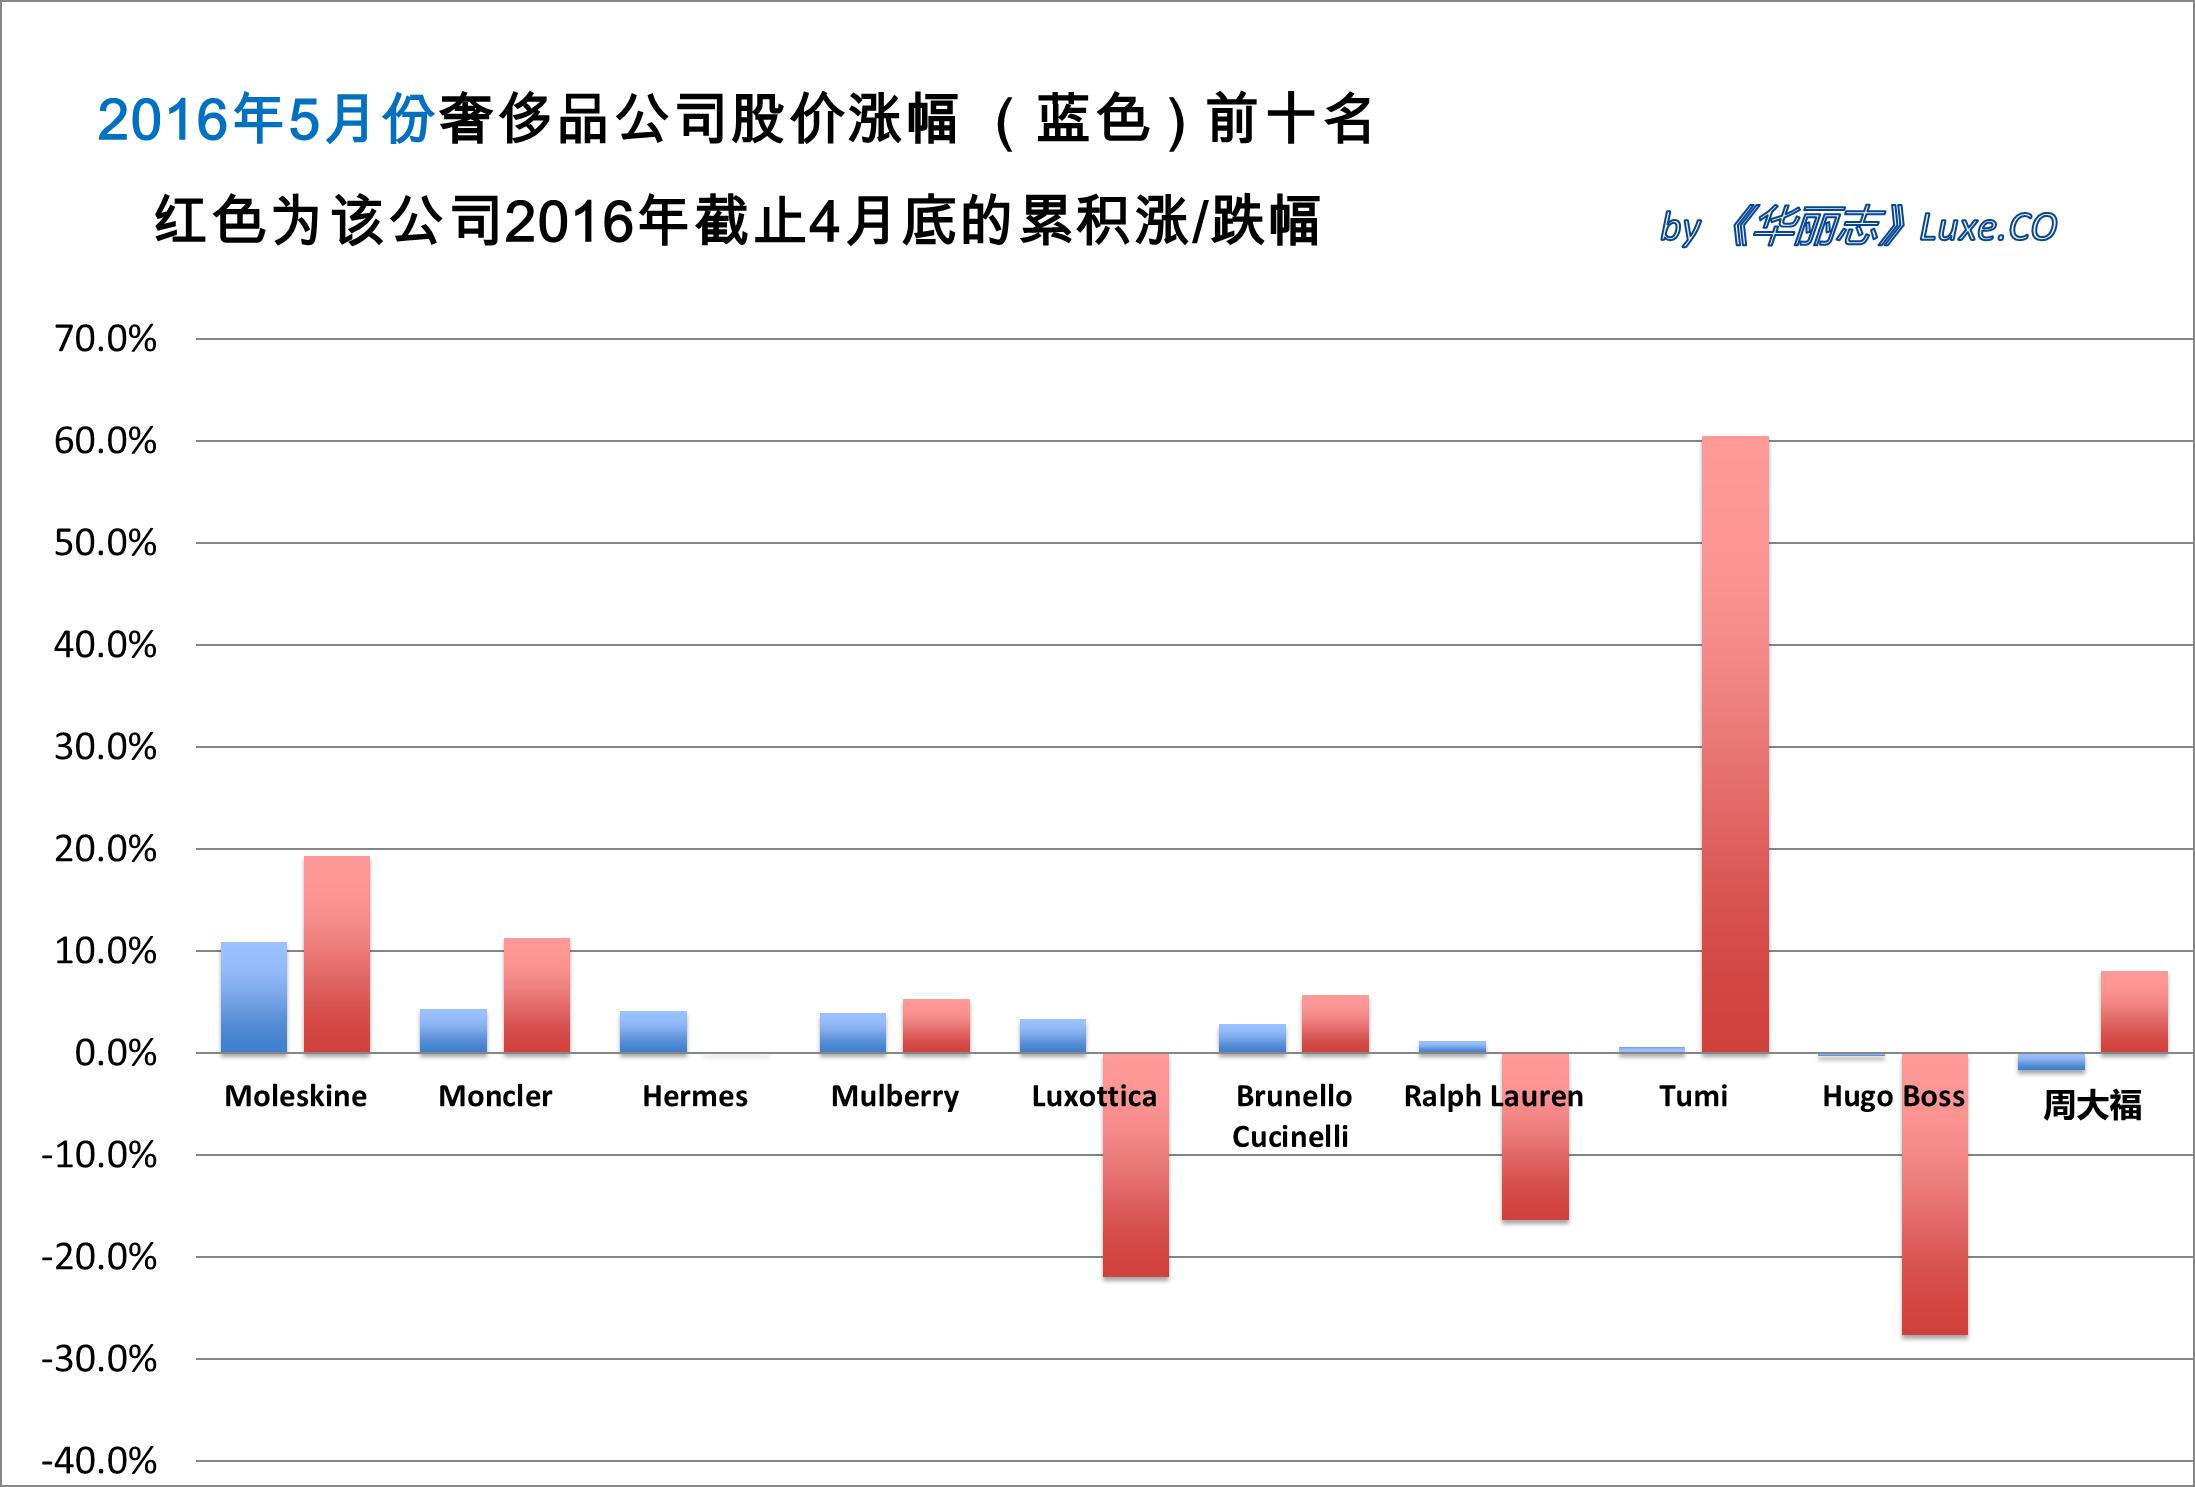 《华丽志》奢侈品股票月度排行榜(2016年5月)